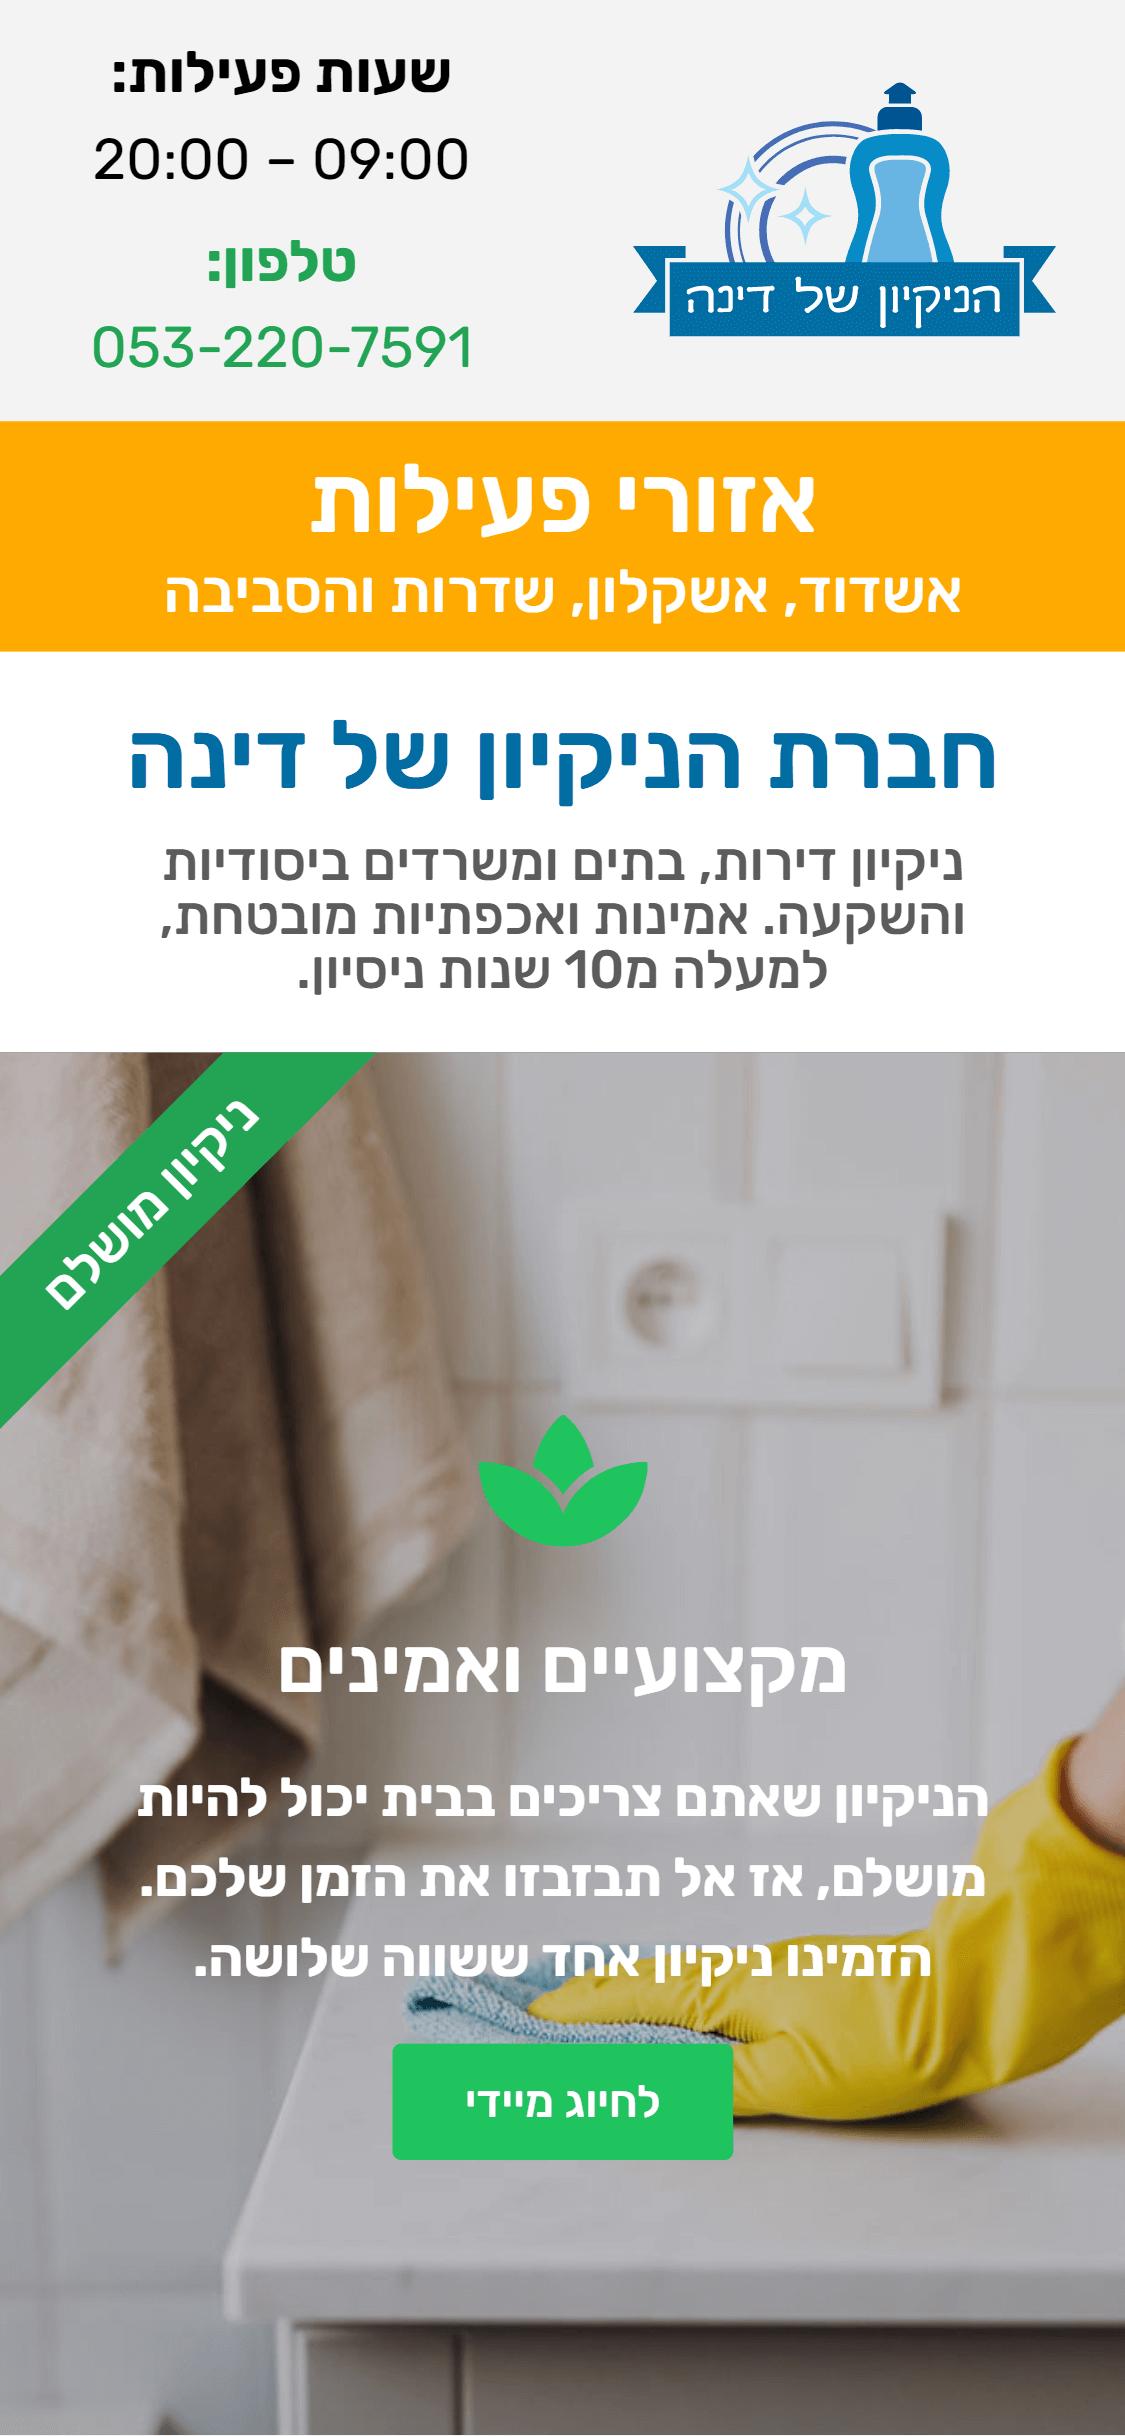 הניקיון של דינה - חברת פרסום אבי-ווב